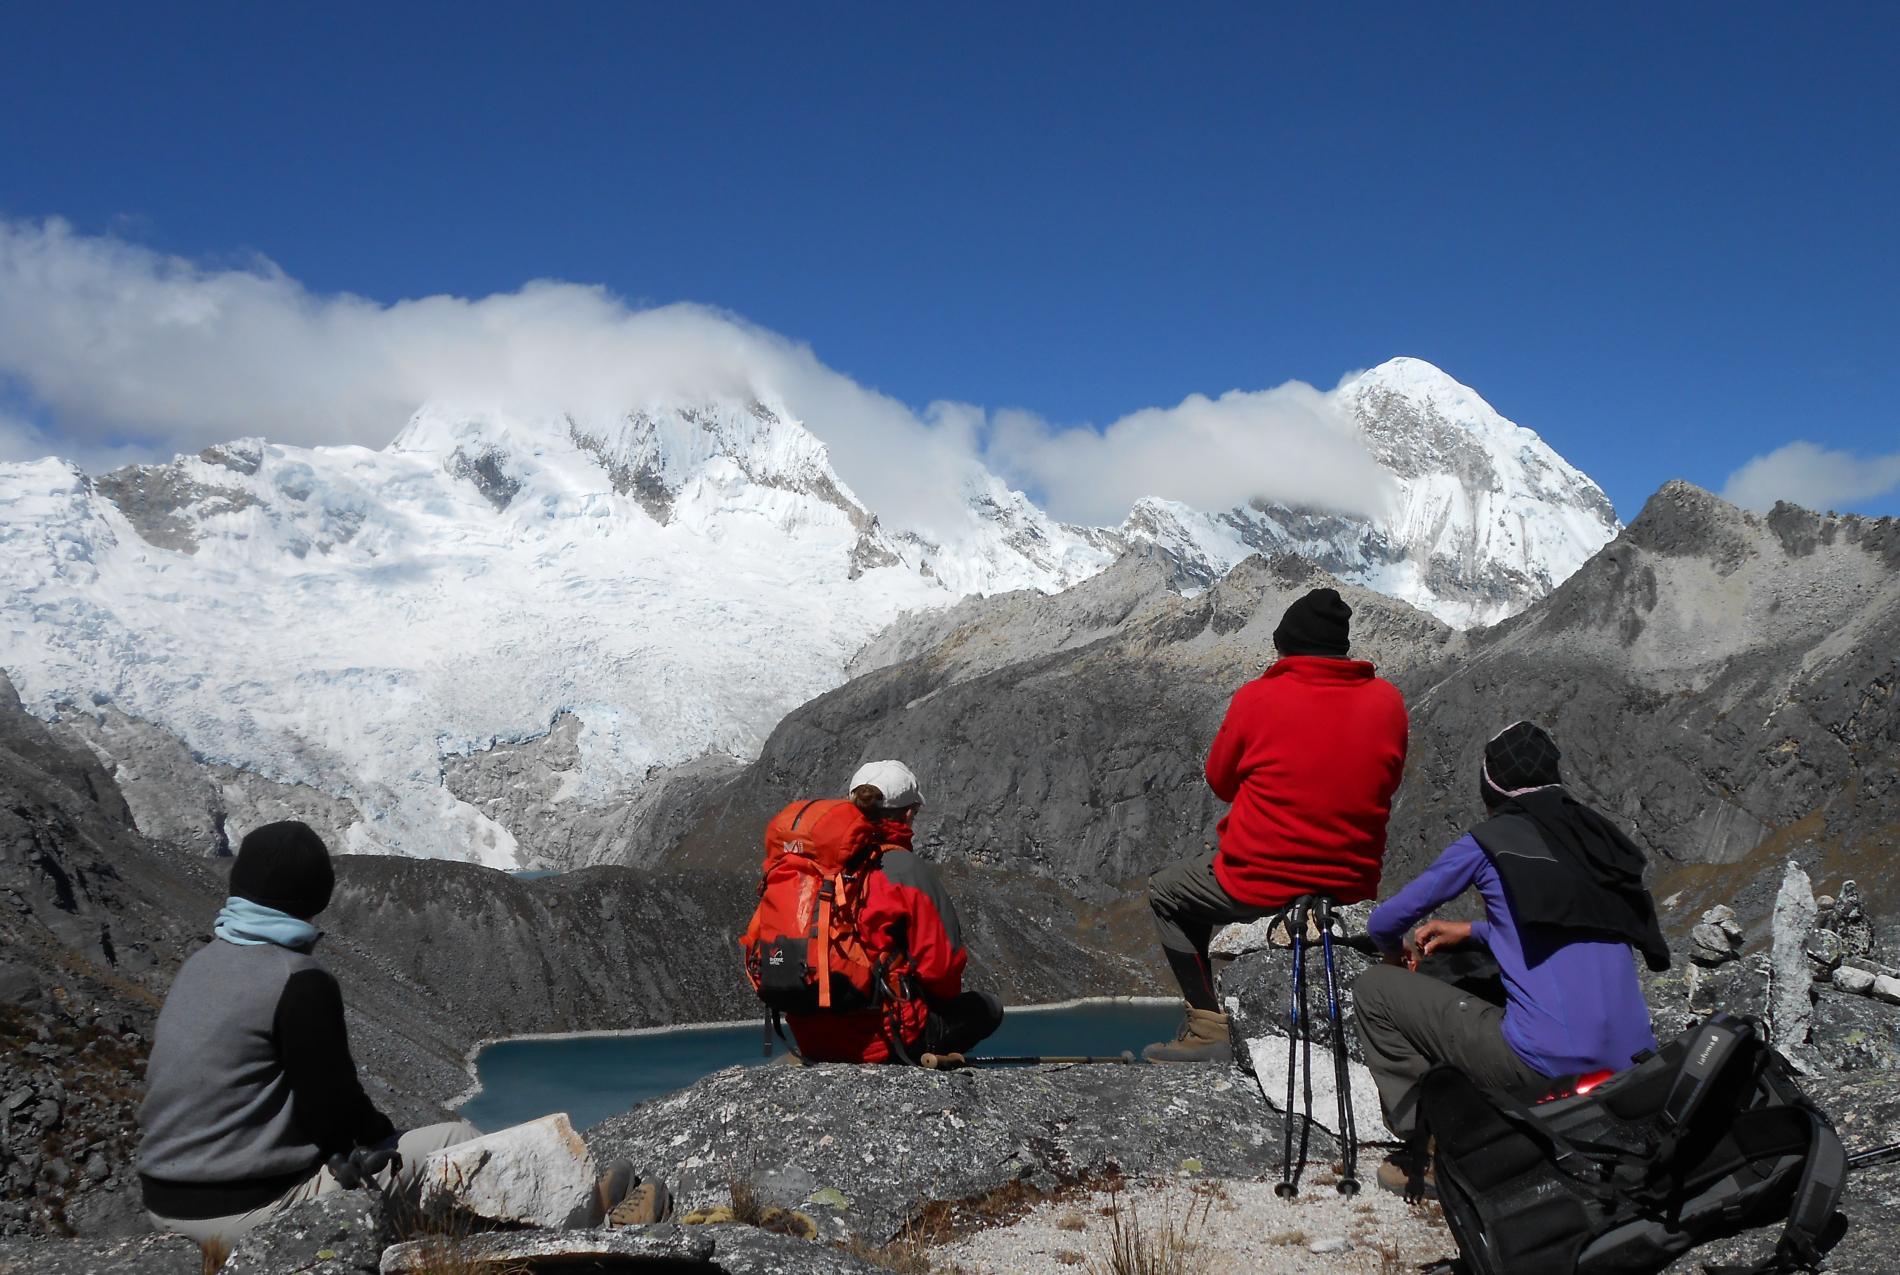 Voyage solidaire Pérou : Vision du Monde - Photo 10